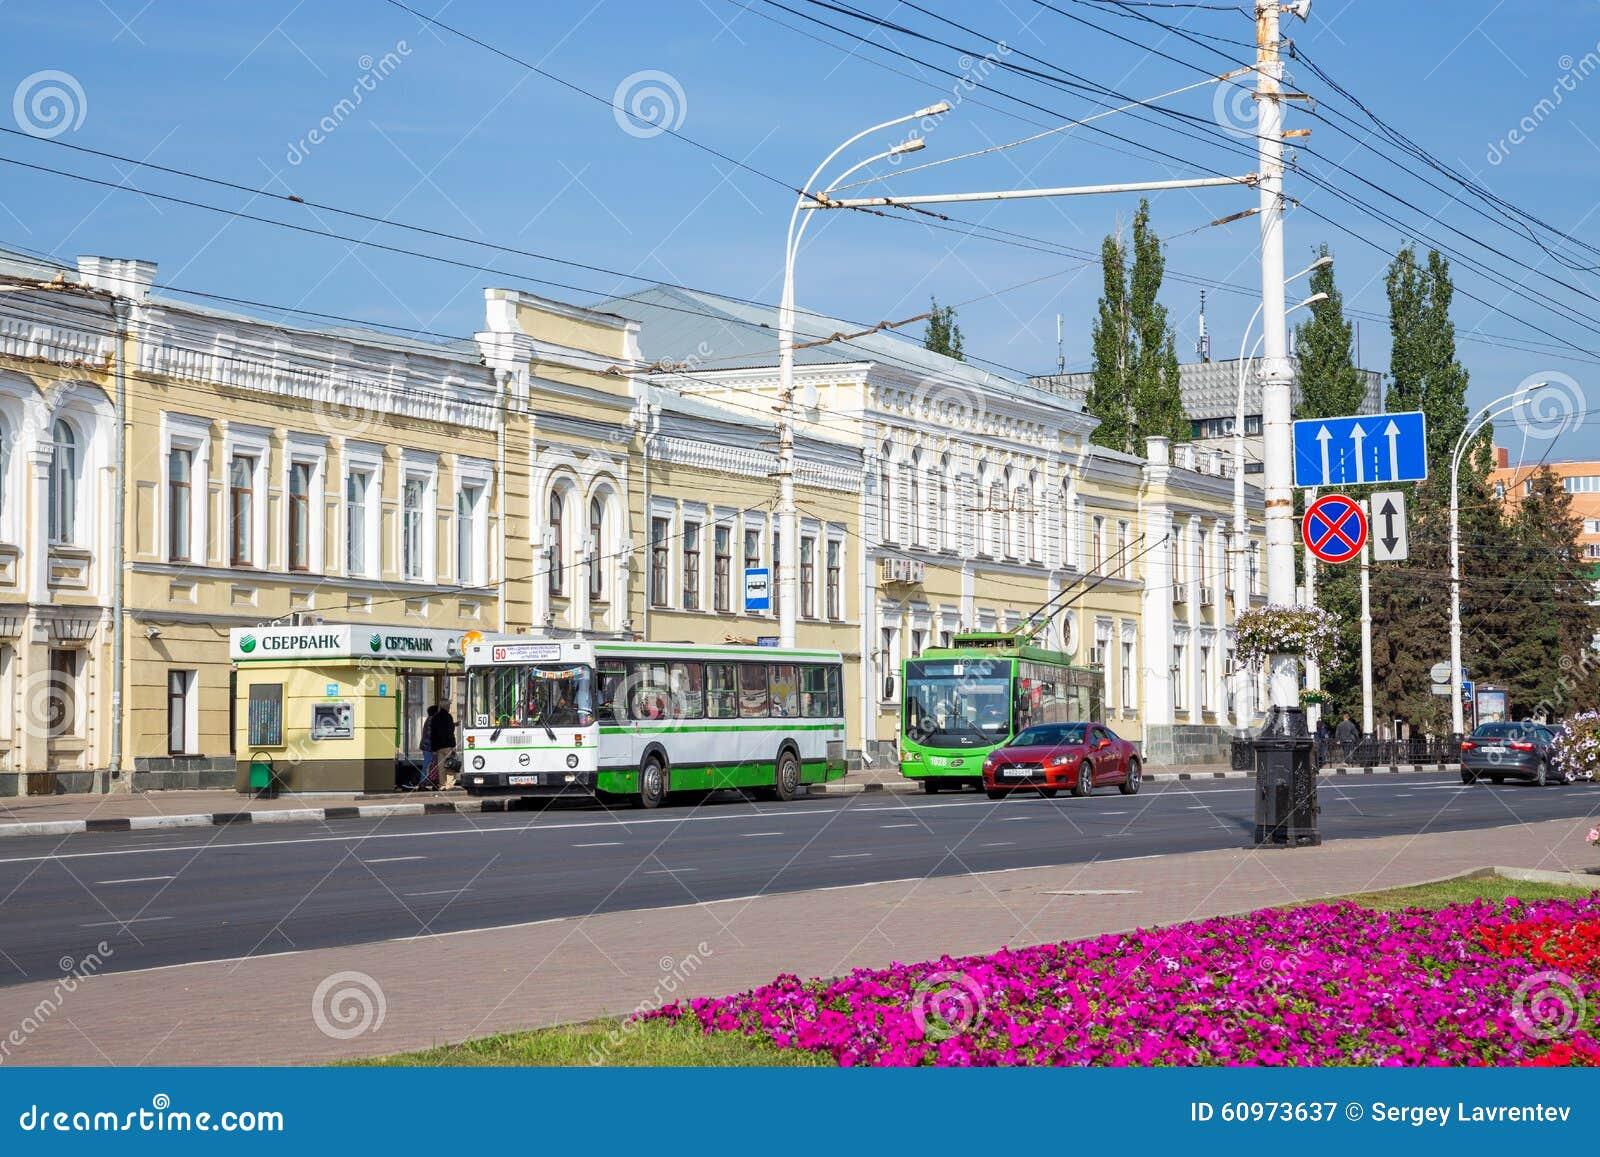 The longest street in Russia 44